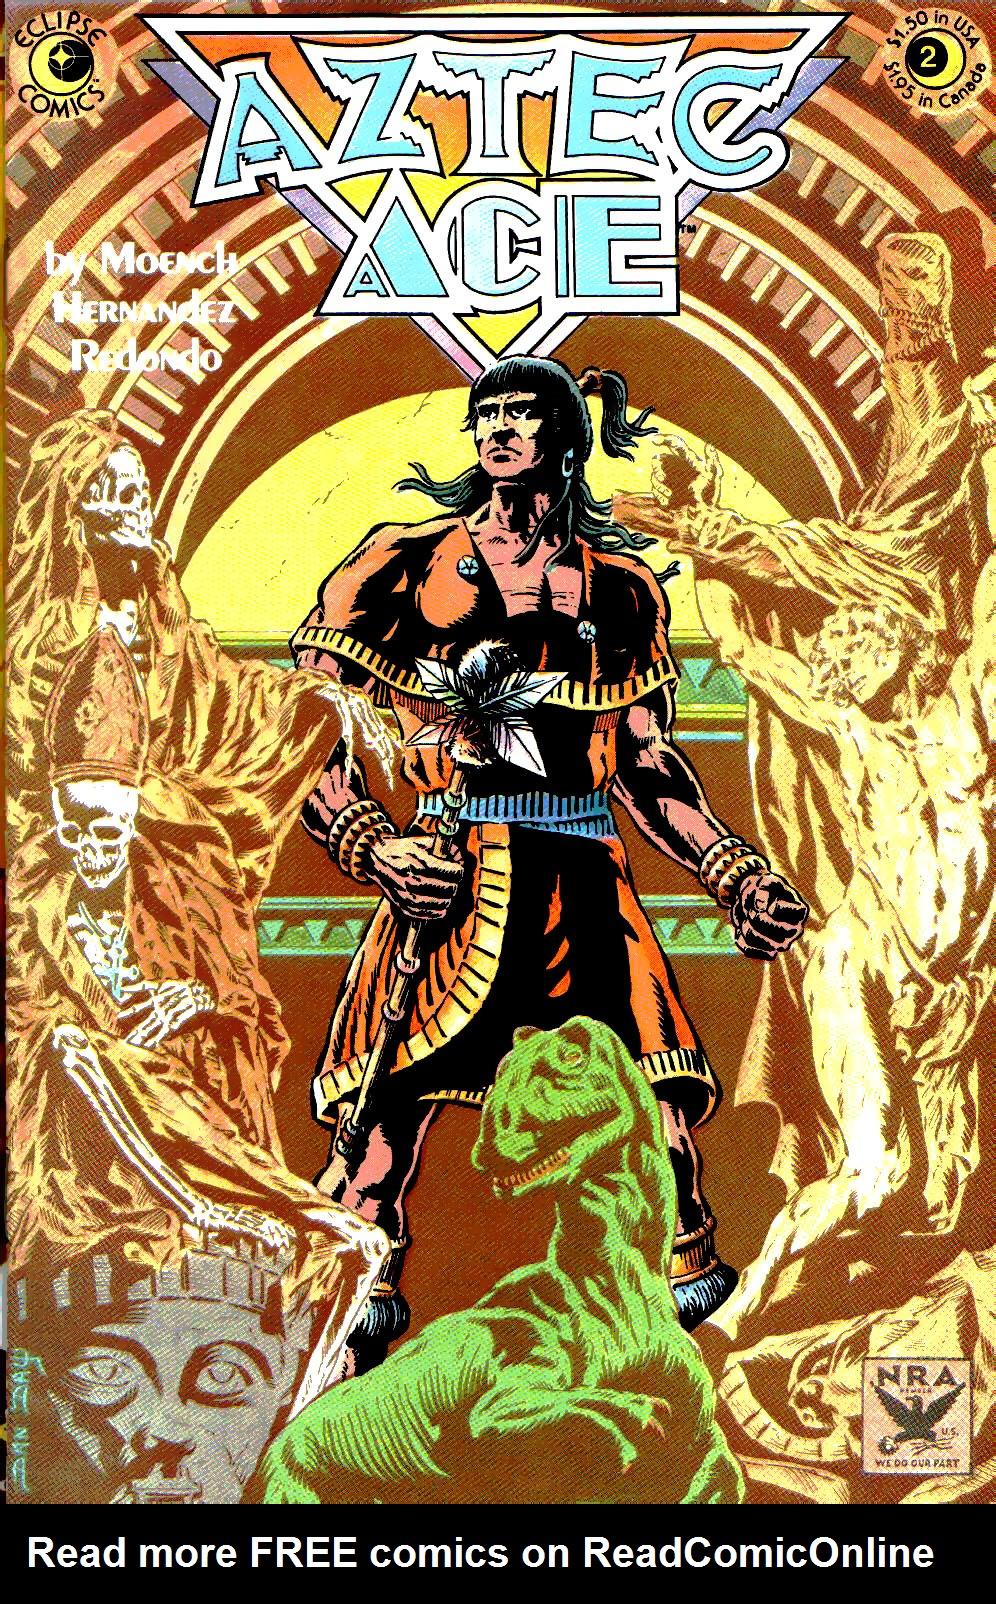 Aztec Ace 2 Page 1